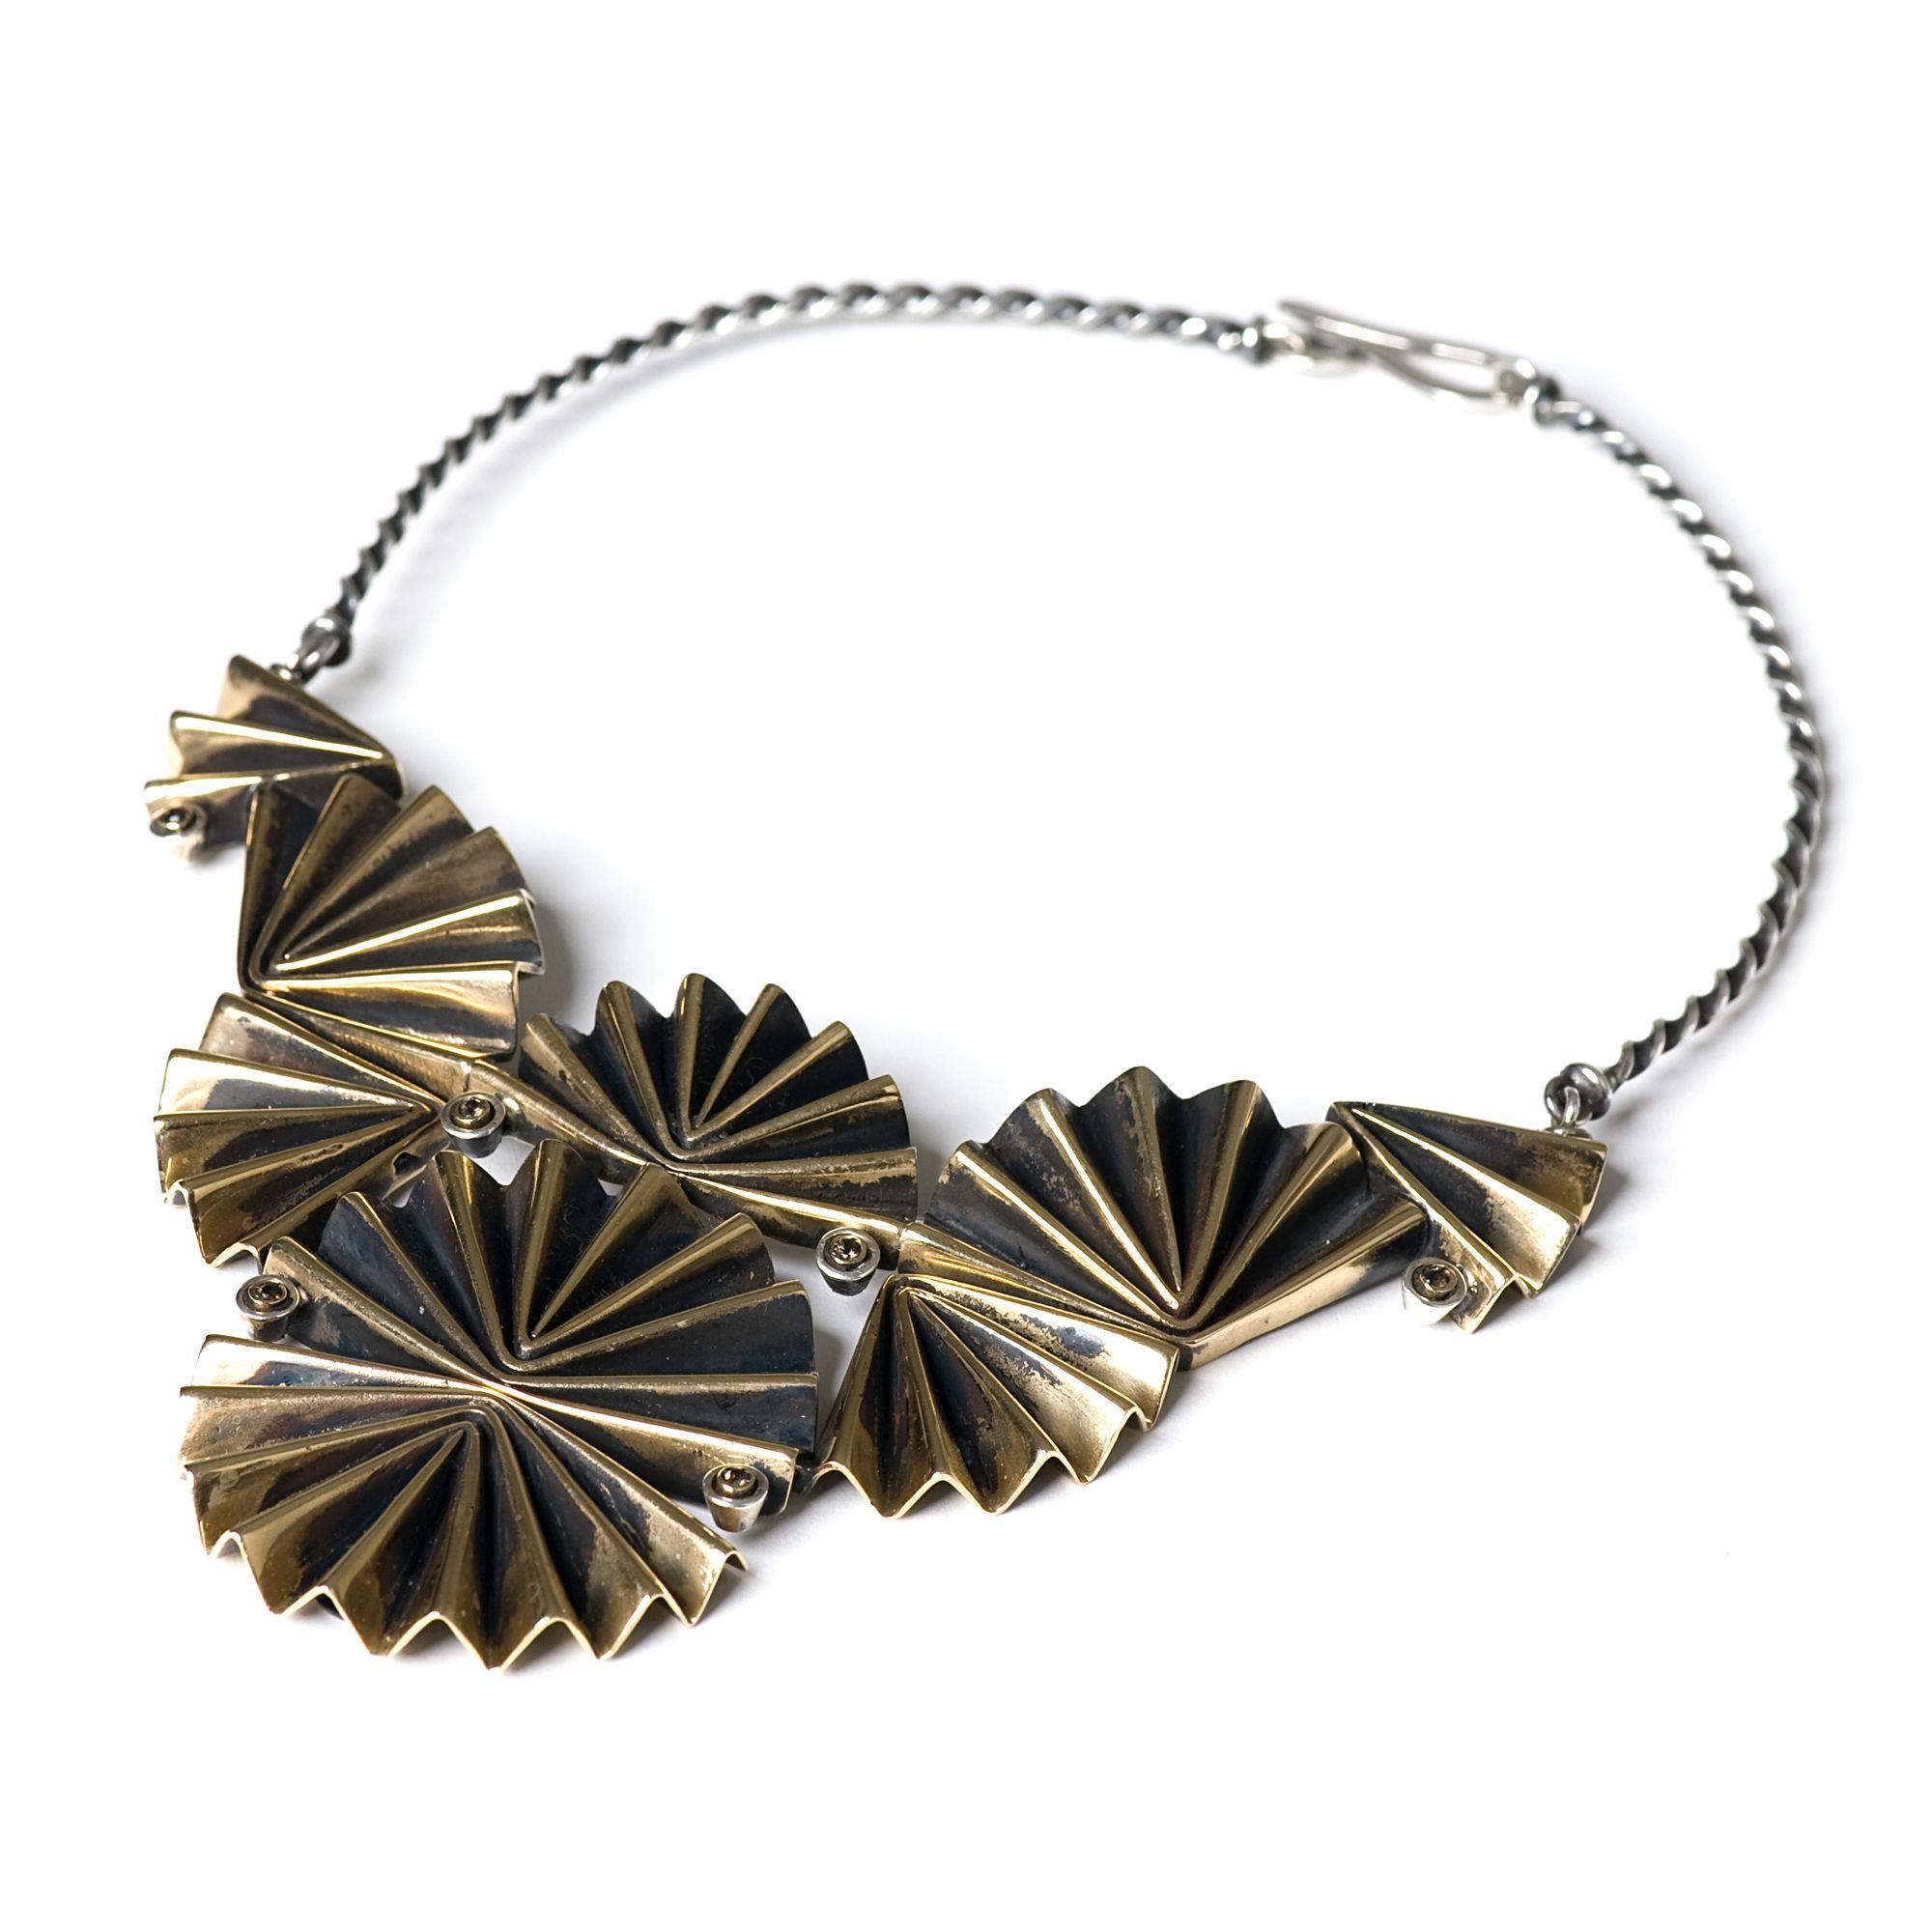 Collana 'Ventaglio' multi elemento Collana in bronzo argento e zaffiri